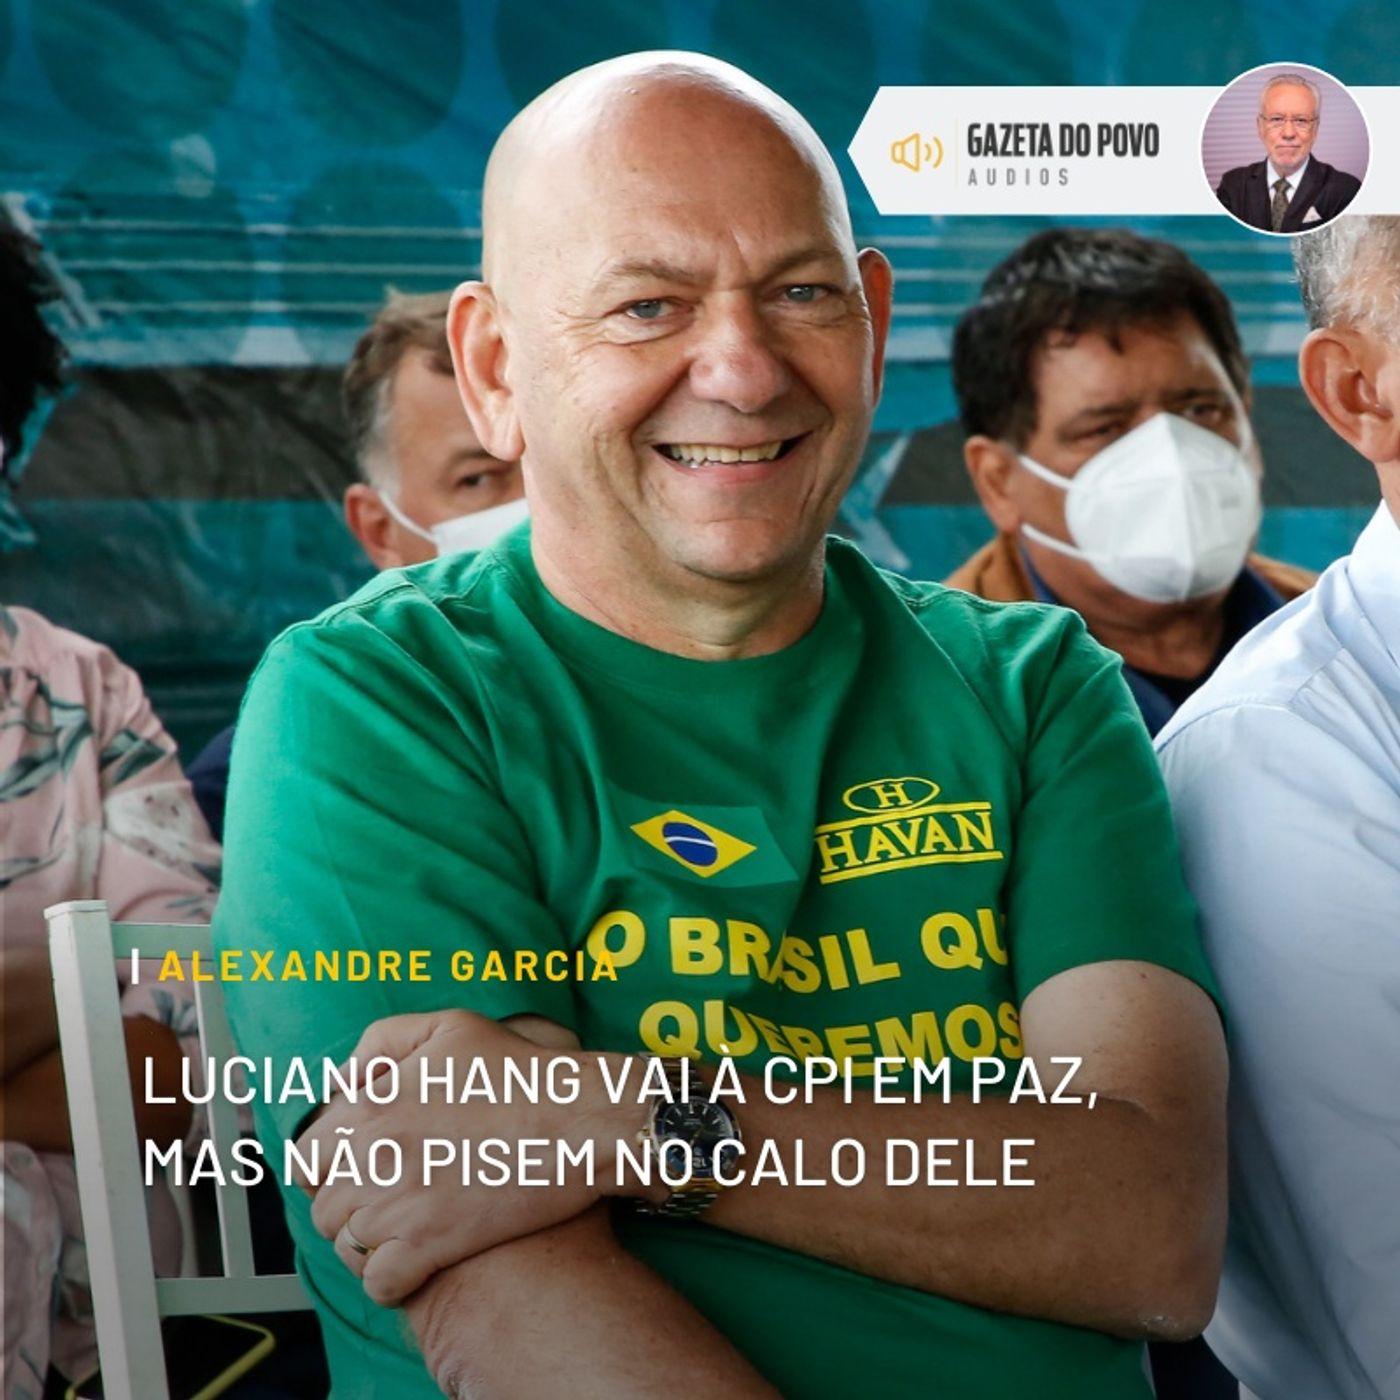 Luciano Hang vai à CPI em paz, mas não pisem no calo dele